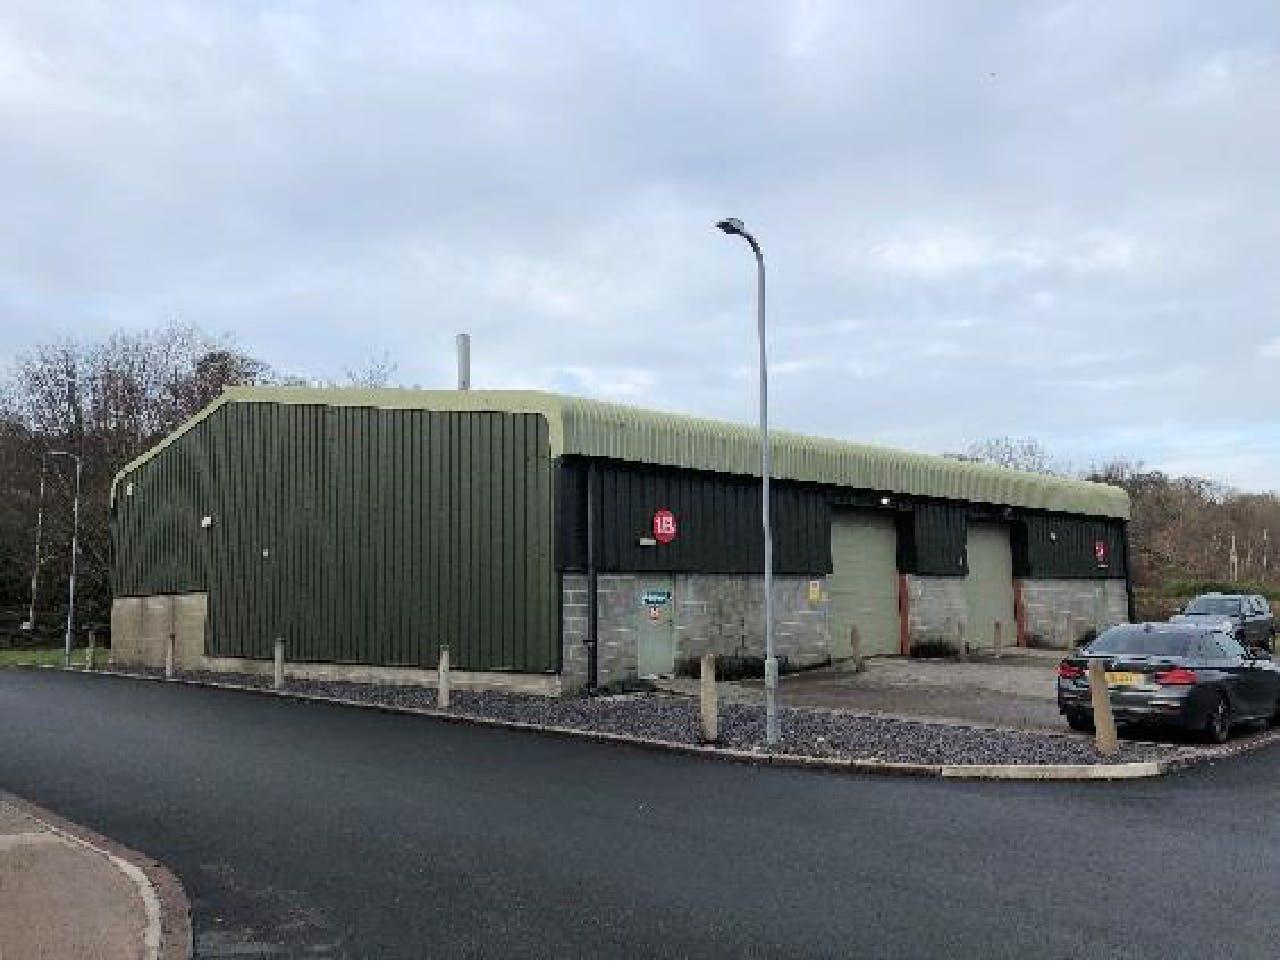 Coed Y Parc Industrial Estate, Bethesda, Gwynedd To Let - Bethesda  Image 4.jpg